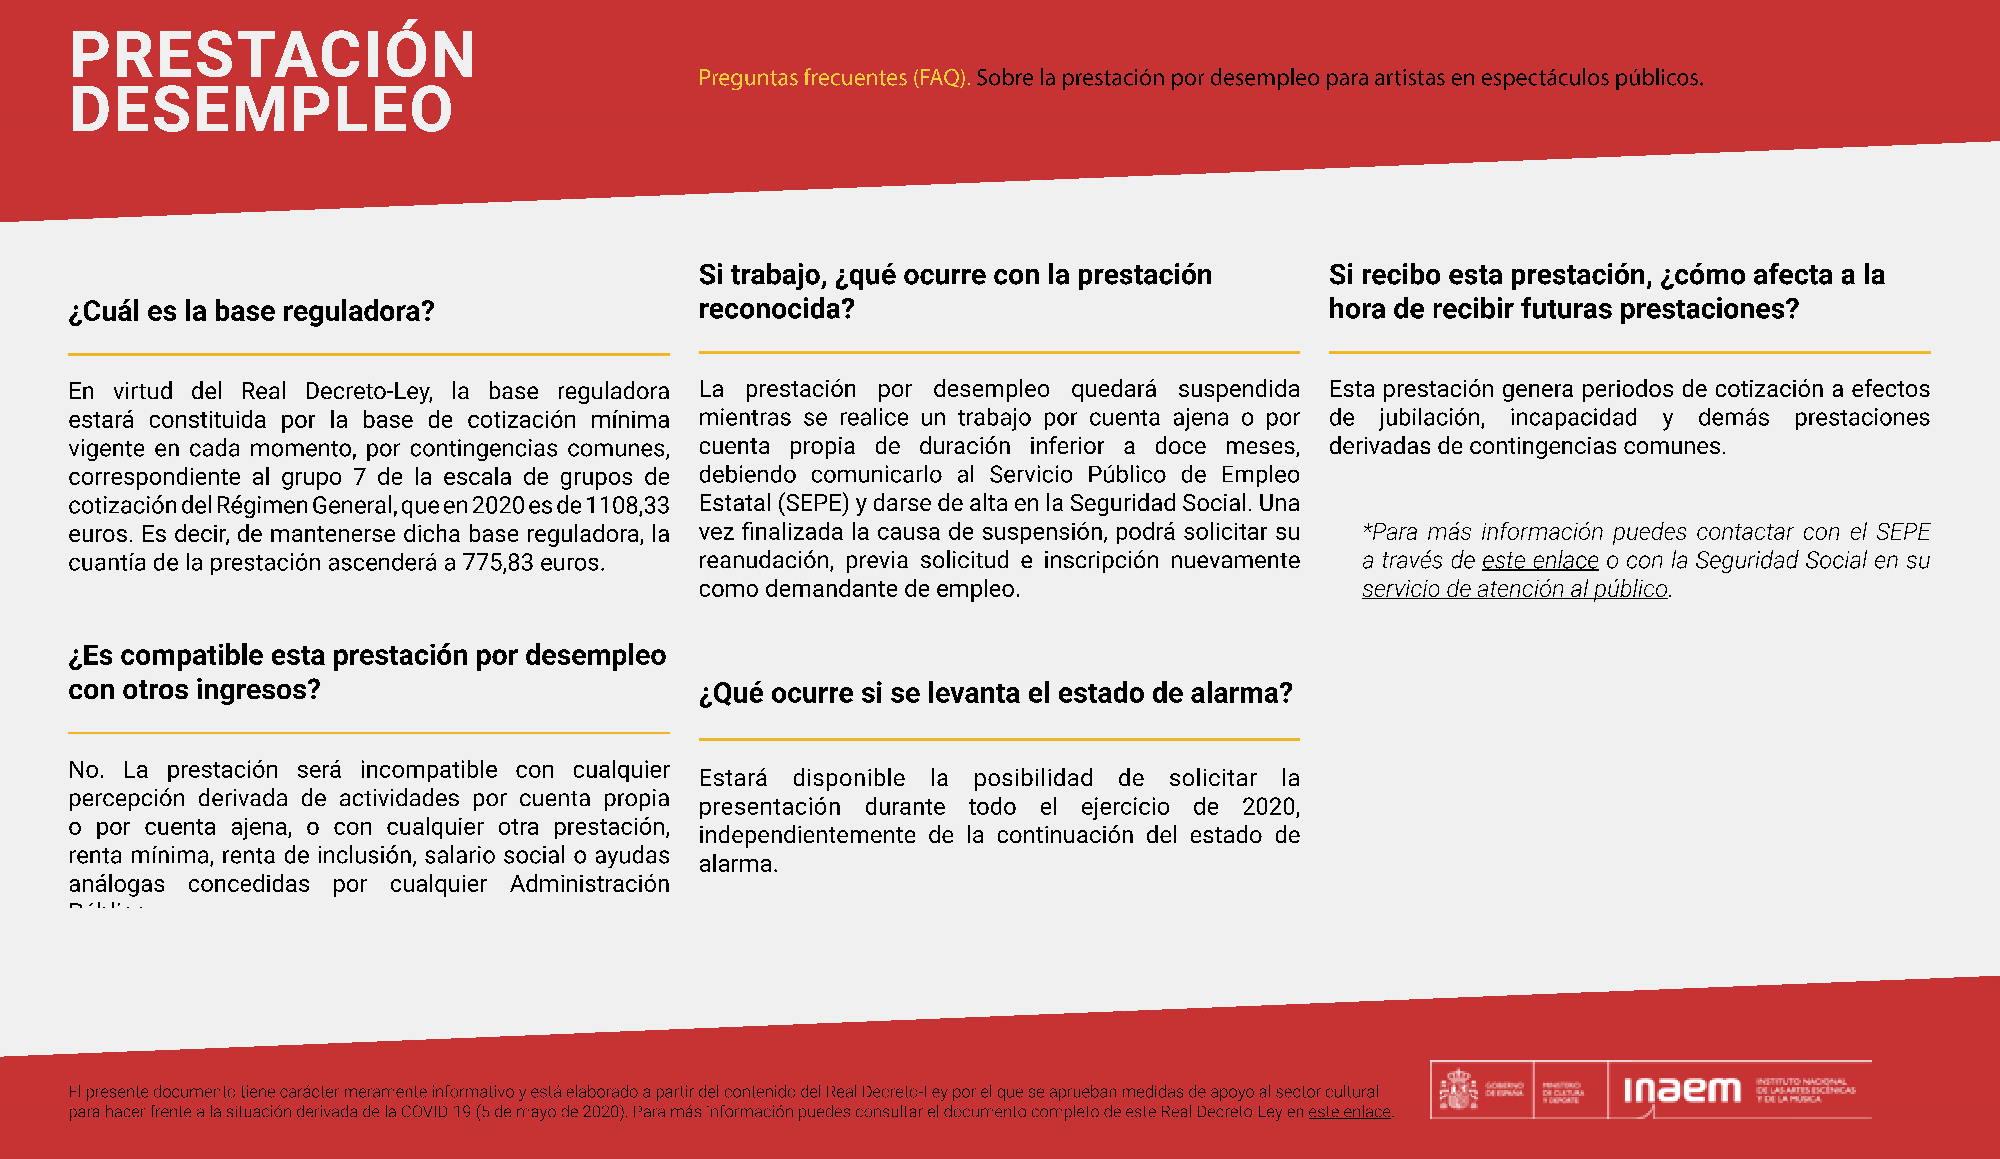 Prestacion-desempleo_Página_3